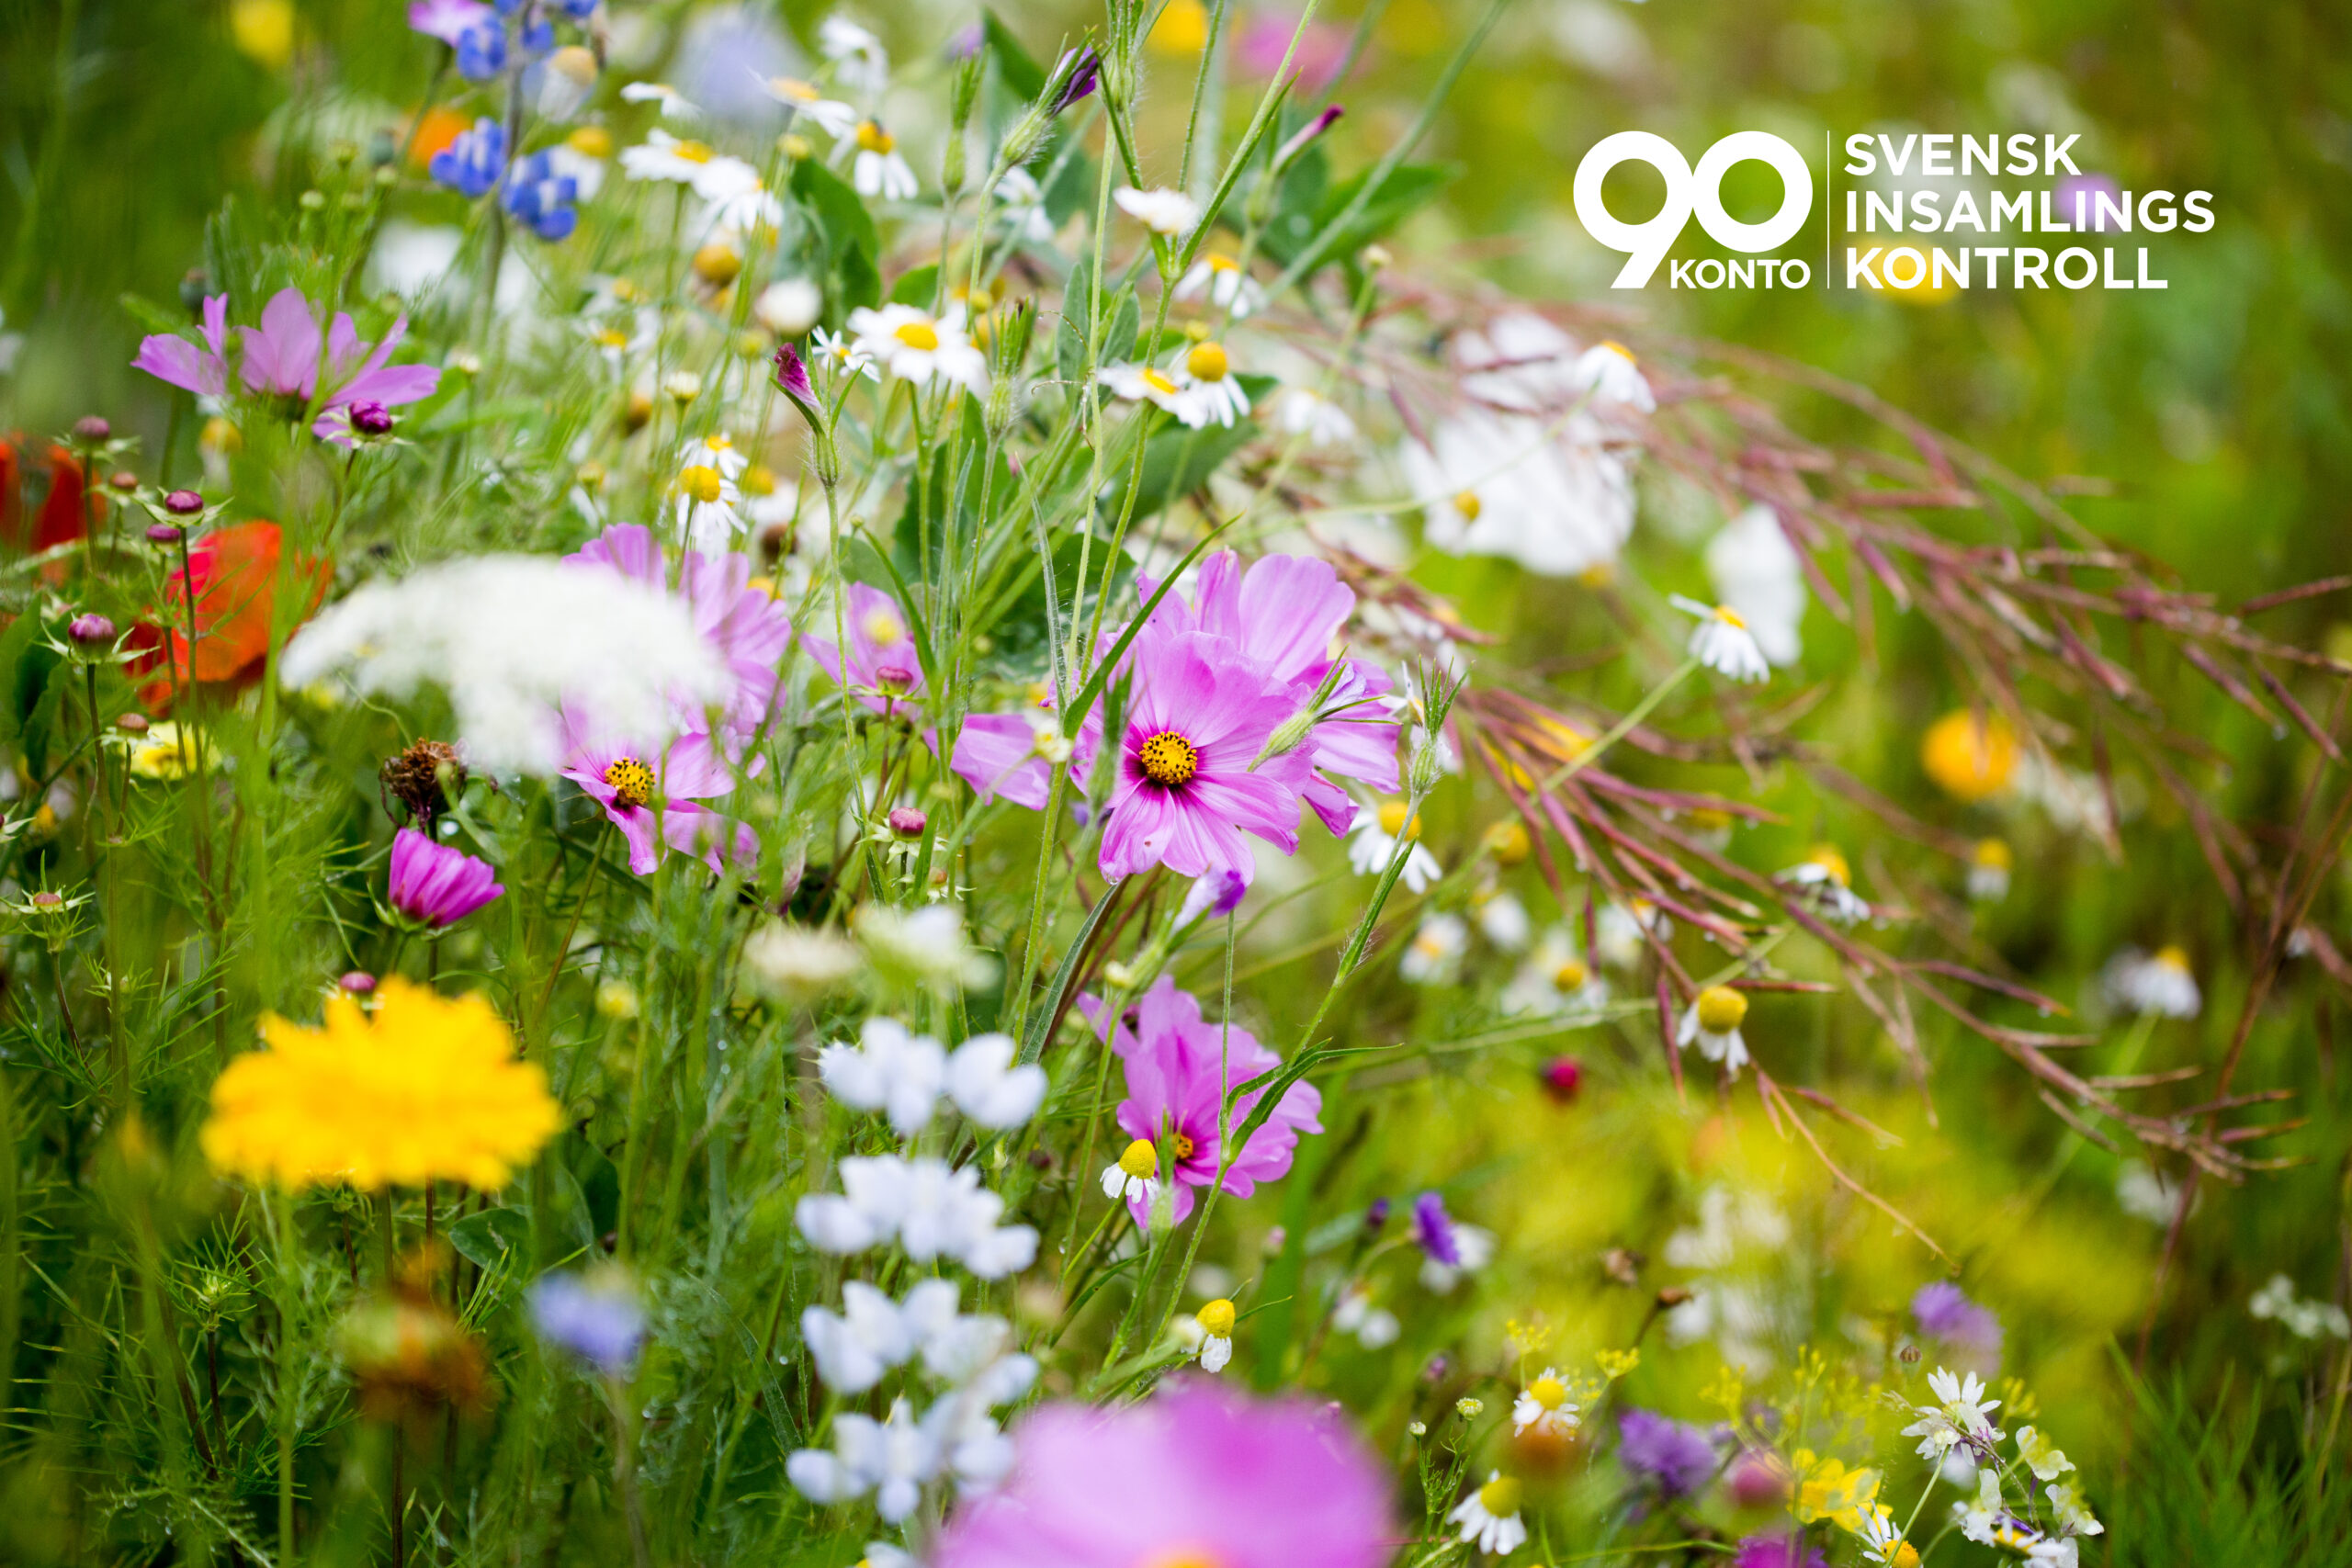 blommor, sommar, äng, prästkrage, vilda, 90-konto